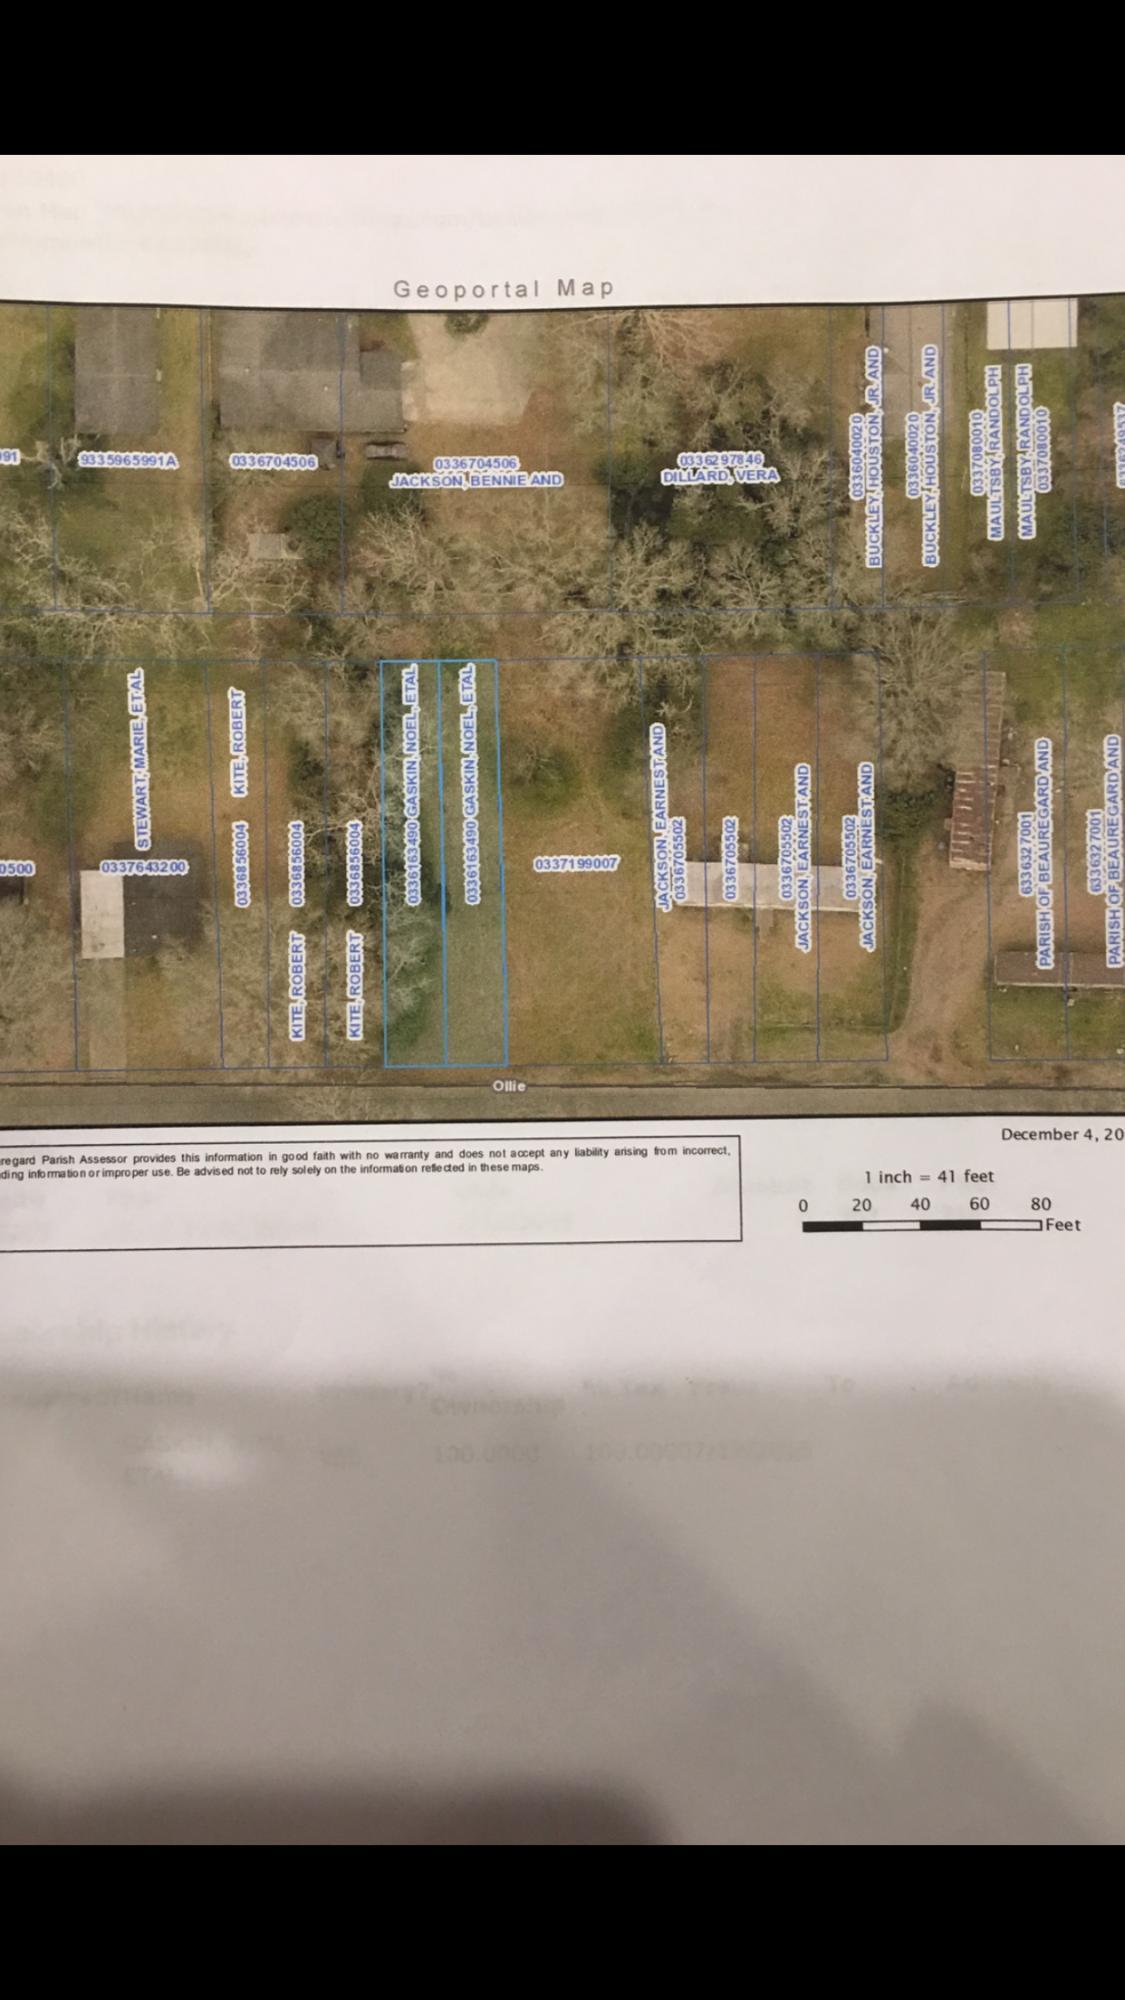 DeRidder land for sale,  TBD OLLIE STREET LOT 28 & 29, DeRidder LA - $7,000